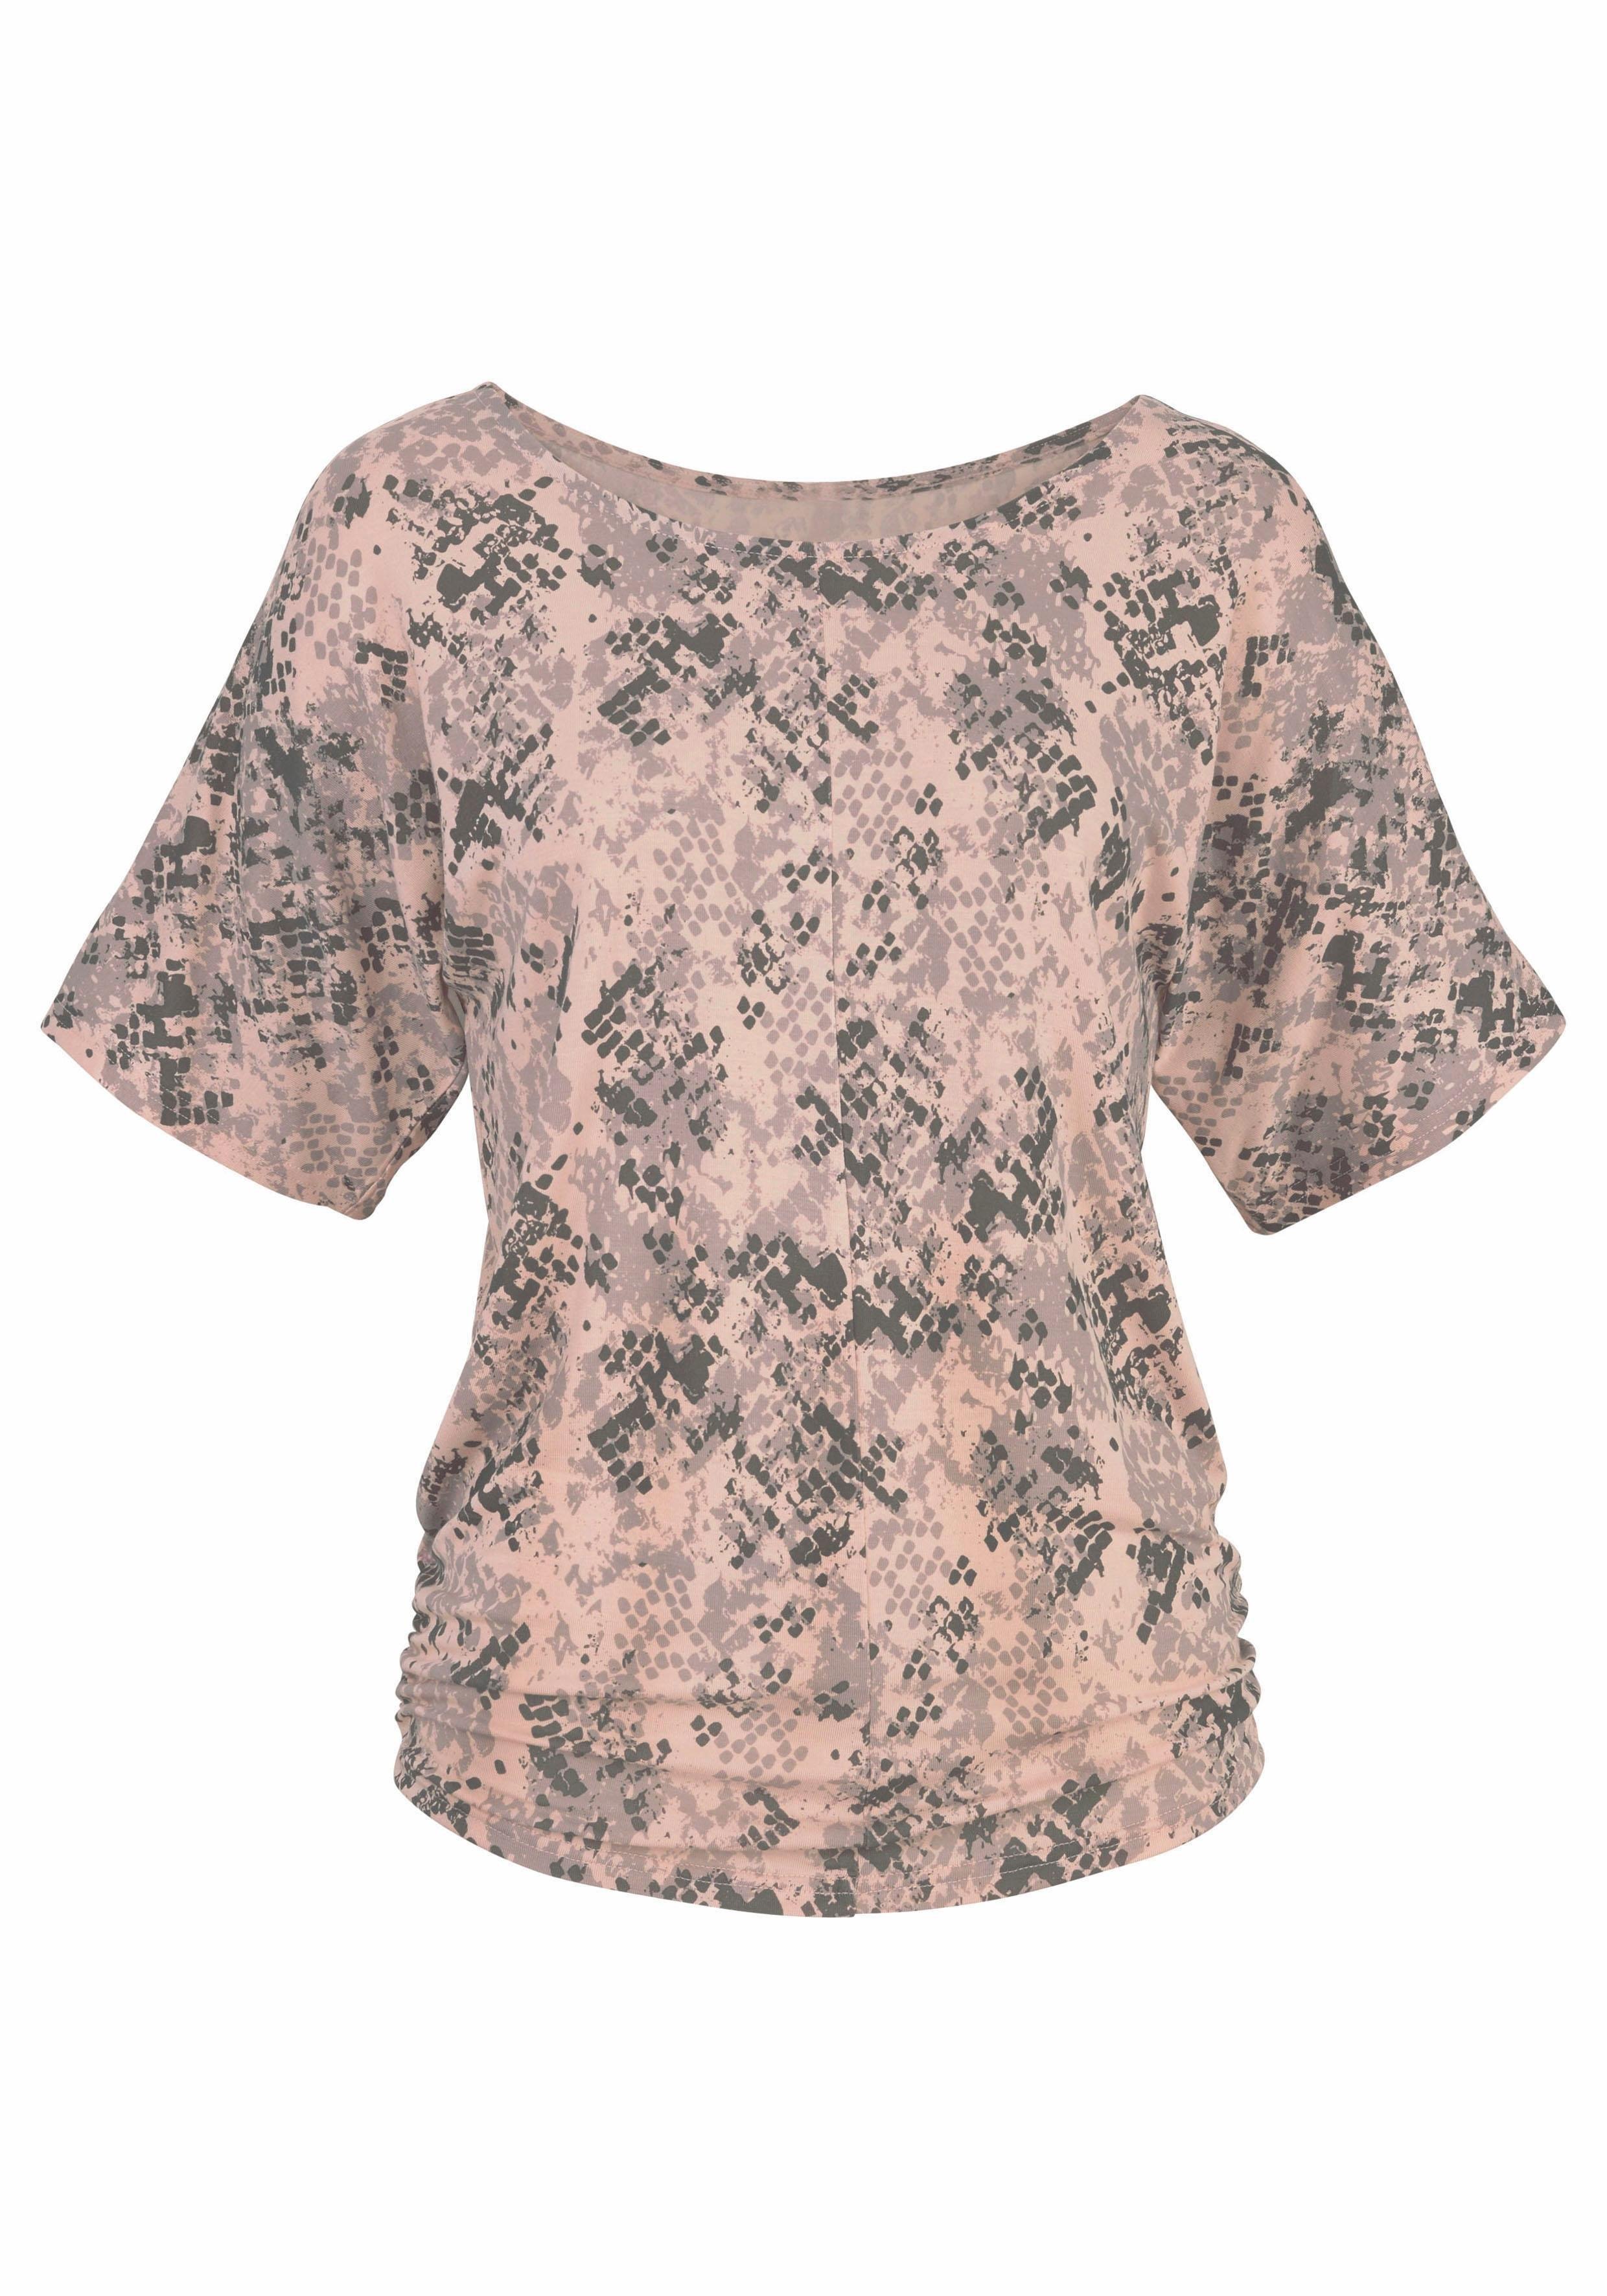 Op zoek naar een LASCANA shirt? Koop online bij Lascana